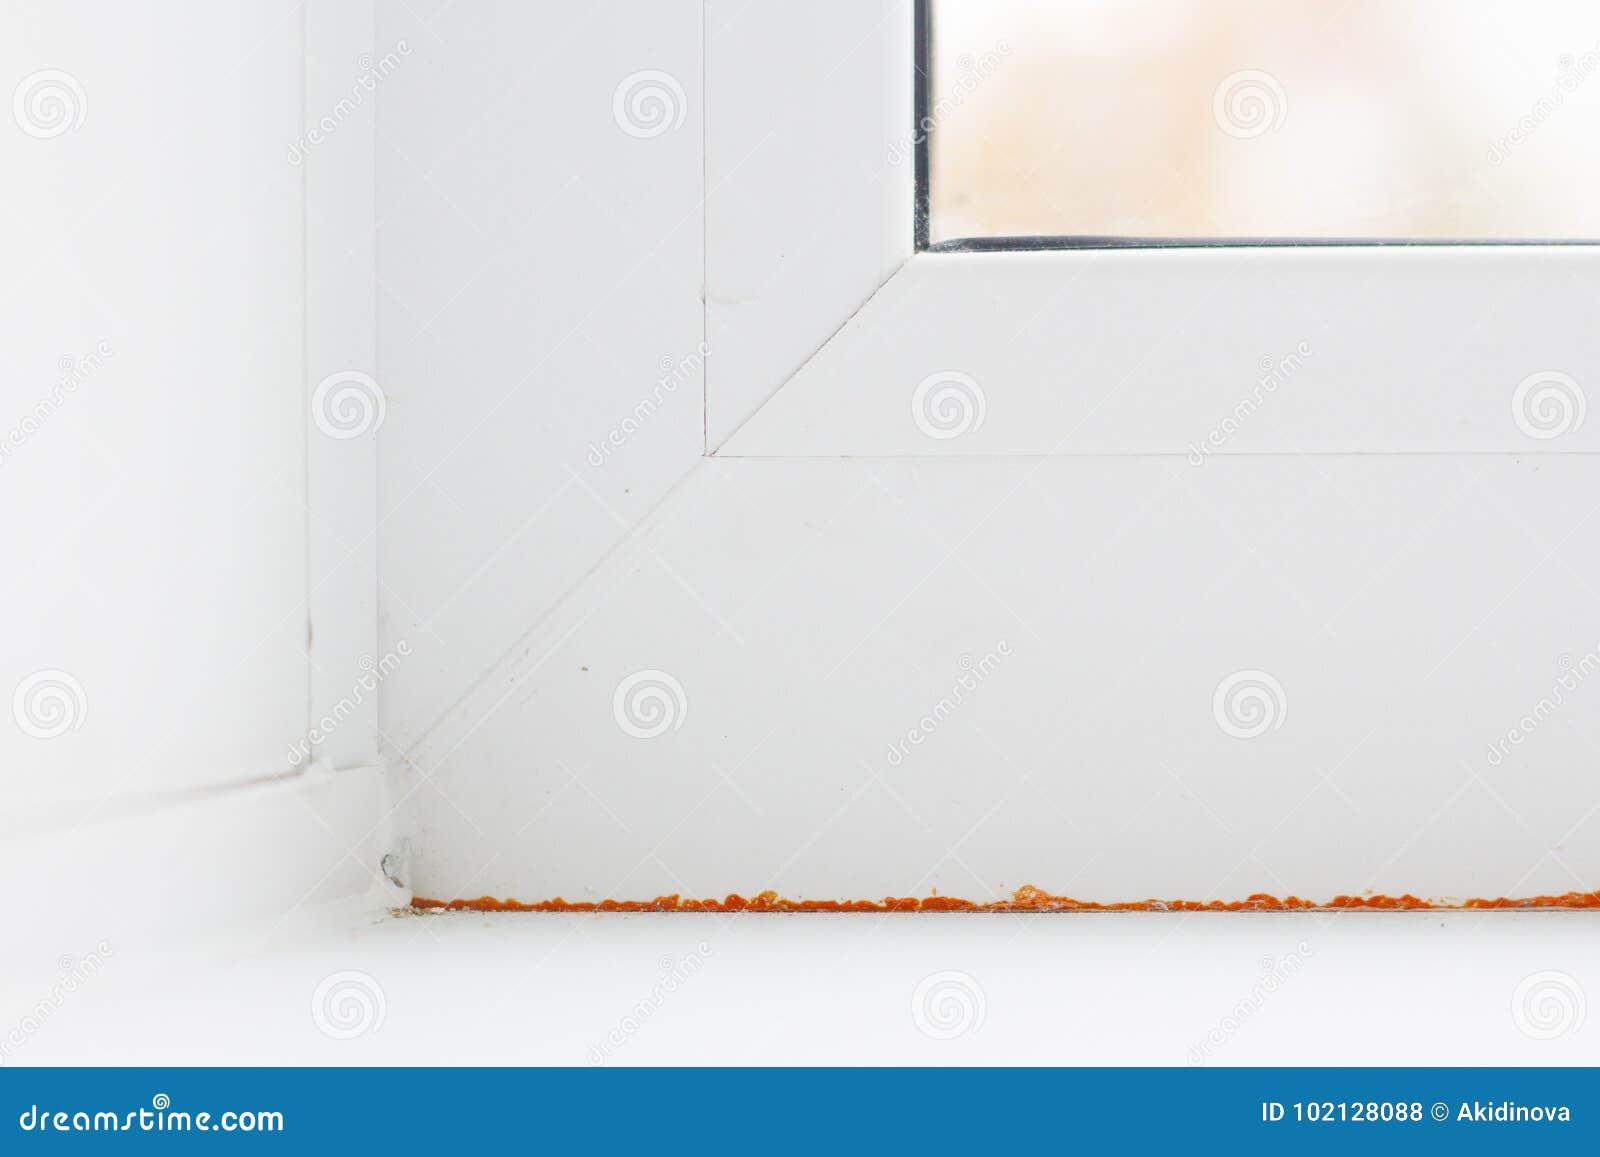 Σύγχρονες μέταλλο-πλαστικές παράθυρο και πόρτα στο νέο διαμέρισμα